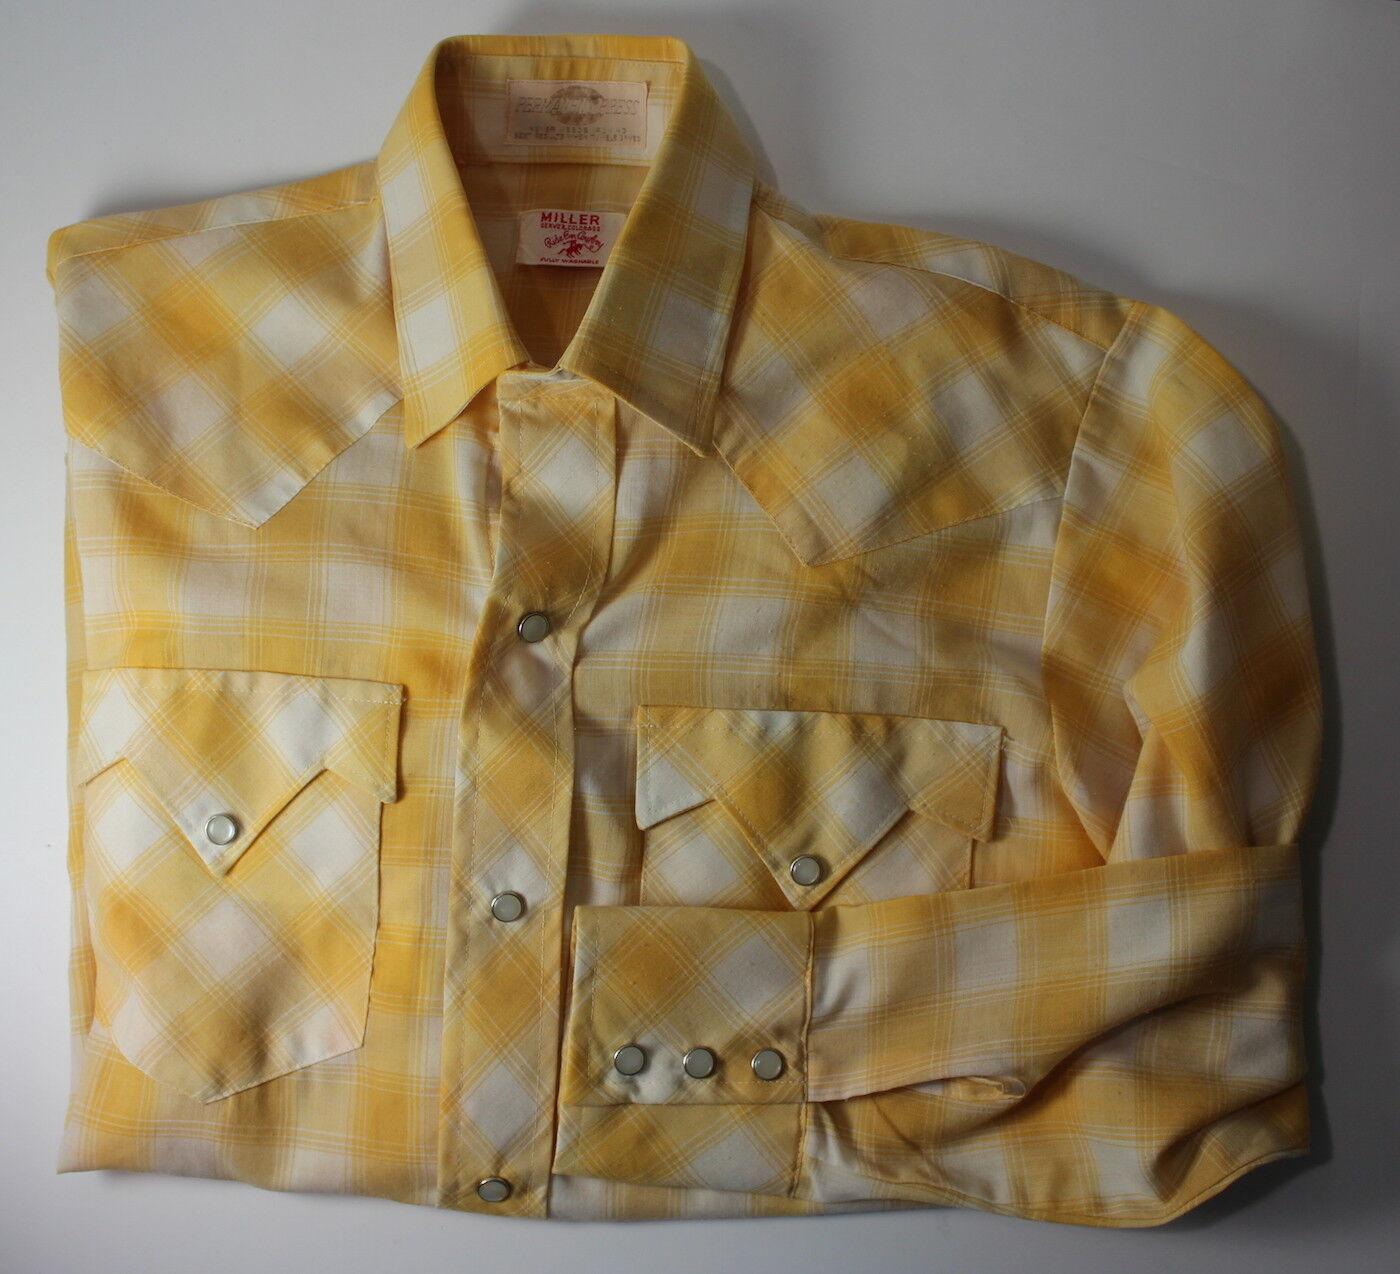 Miller Denver colorado Red Em Cowboy 16 Vintage Pearl Snap Button Western Shirt